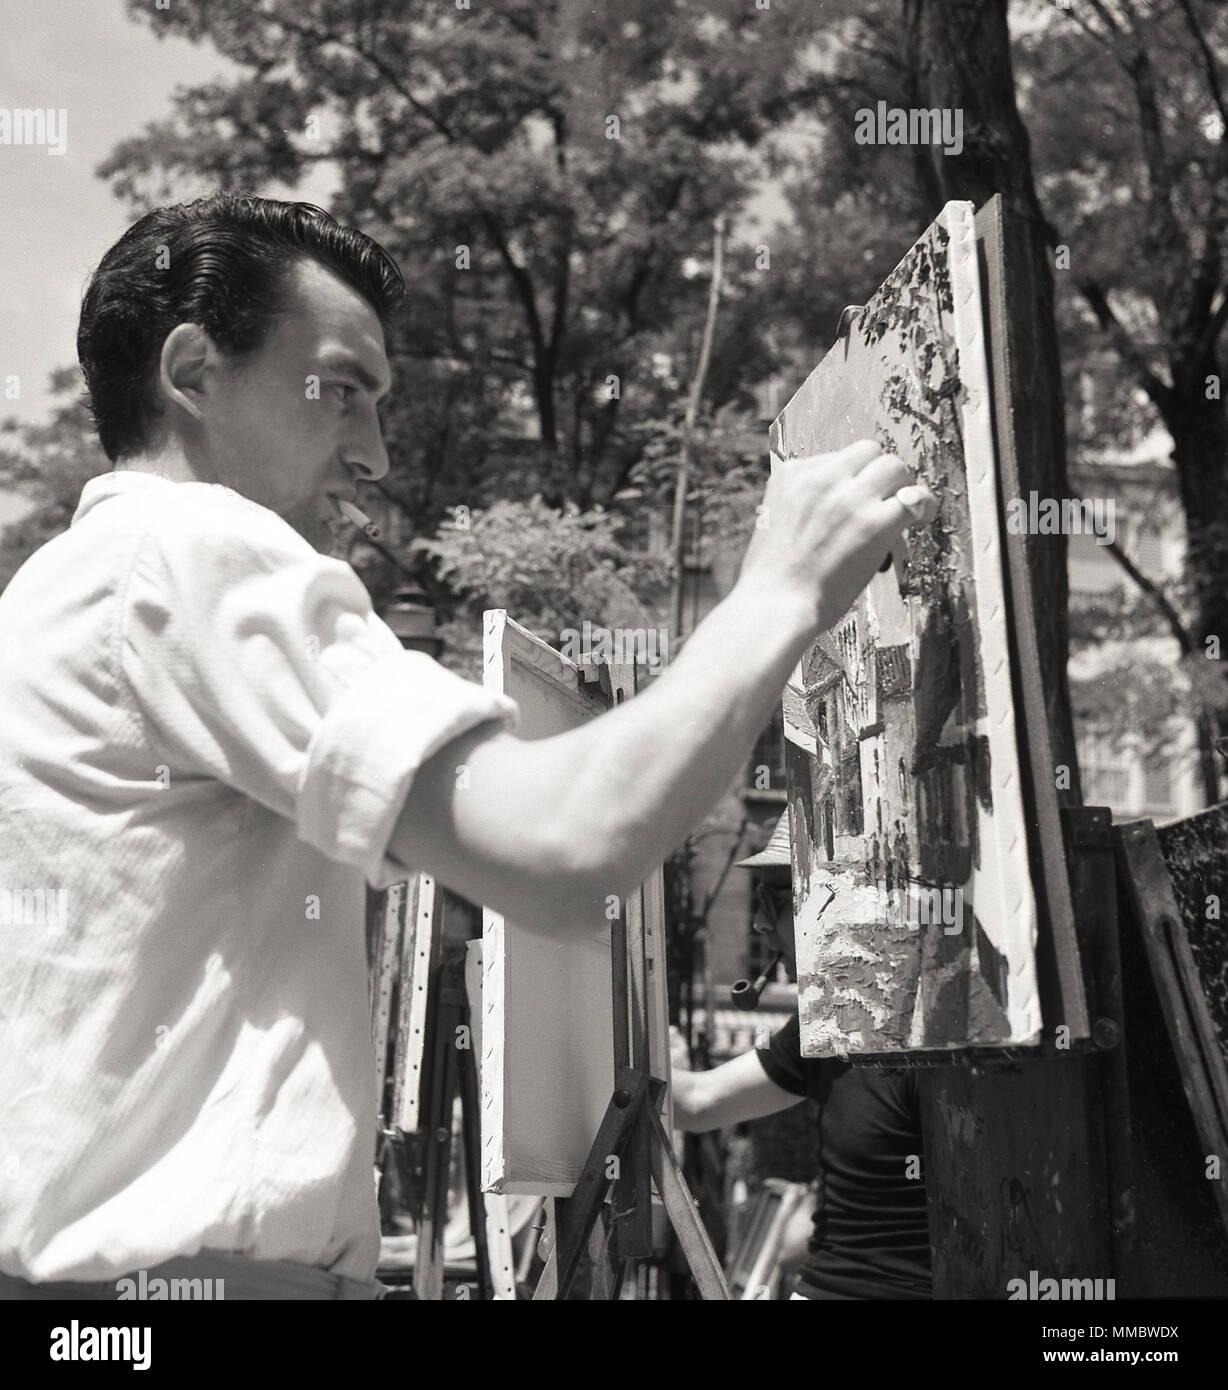 Degli anni Cinquanta, foto storiche, un maschio di artista di strada in una pittura su tela al di fuori, presso la Place du Tertre, una piazza a Montmartre a Parigi, Francia, famosa per i suoi artisti e storia artistica. Immagini Stock